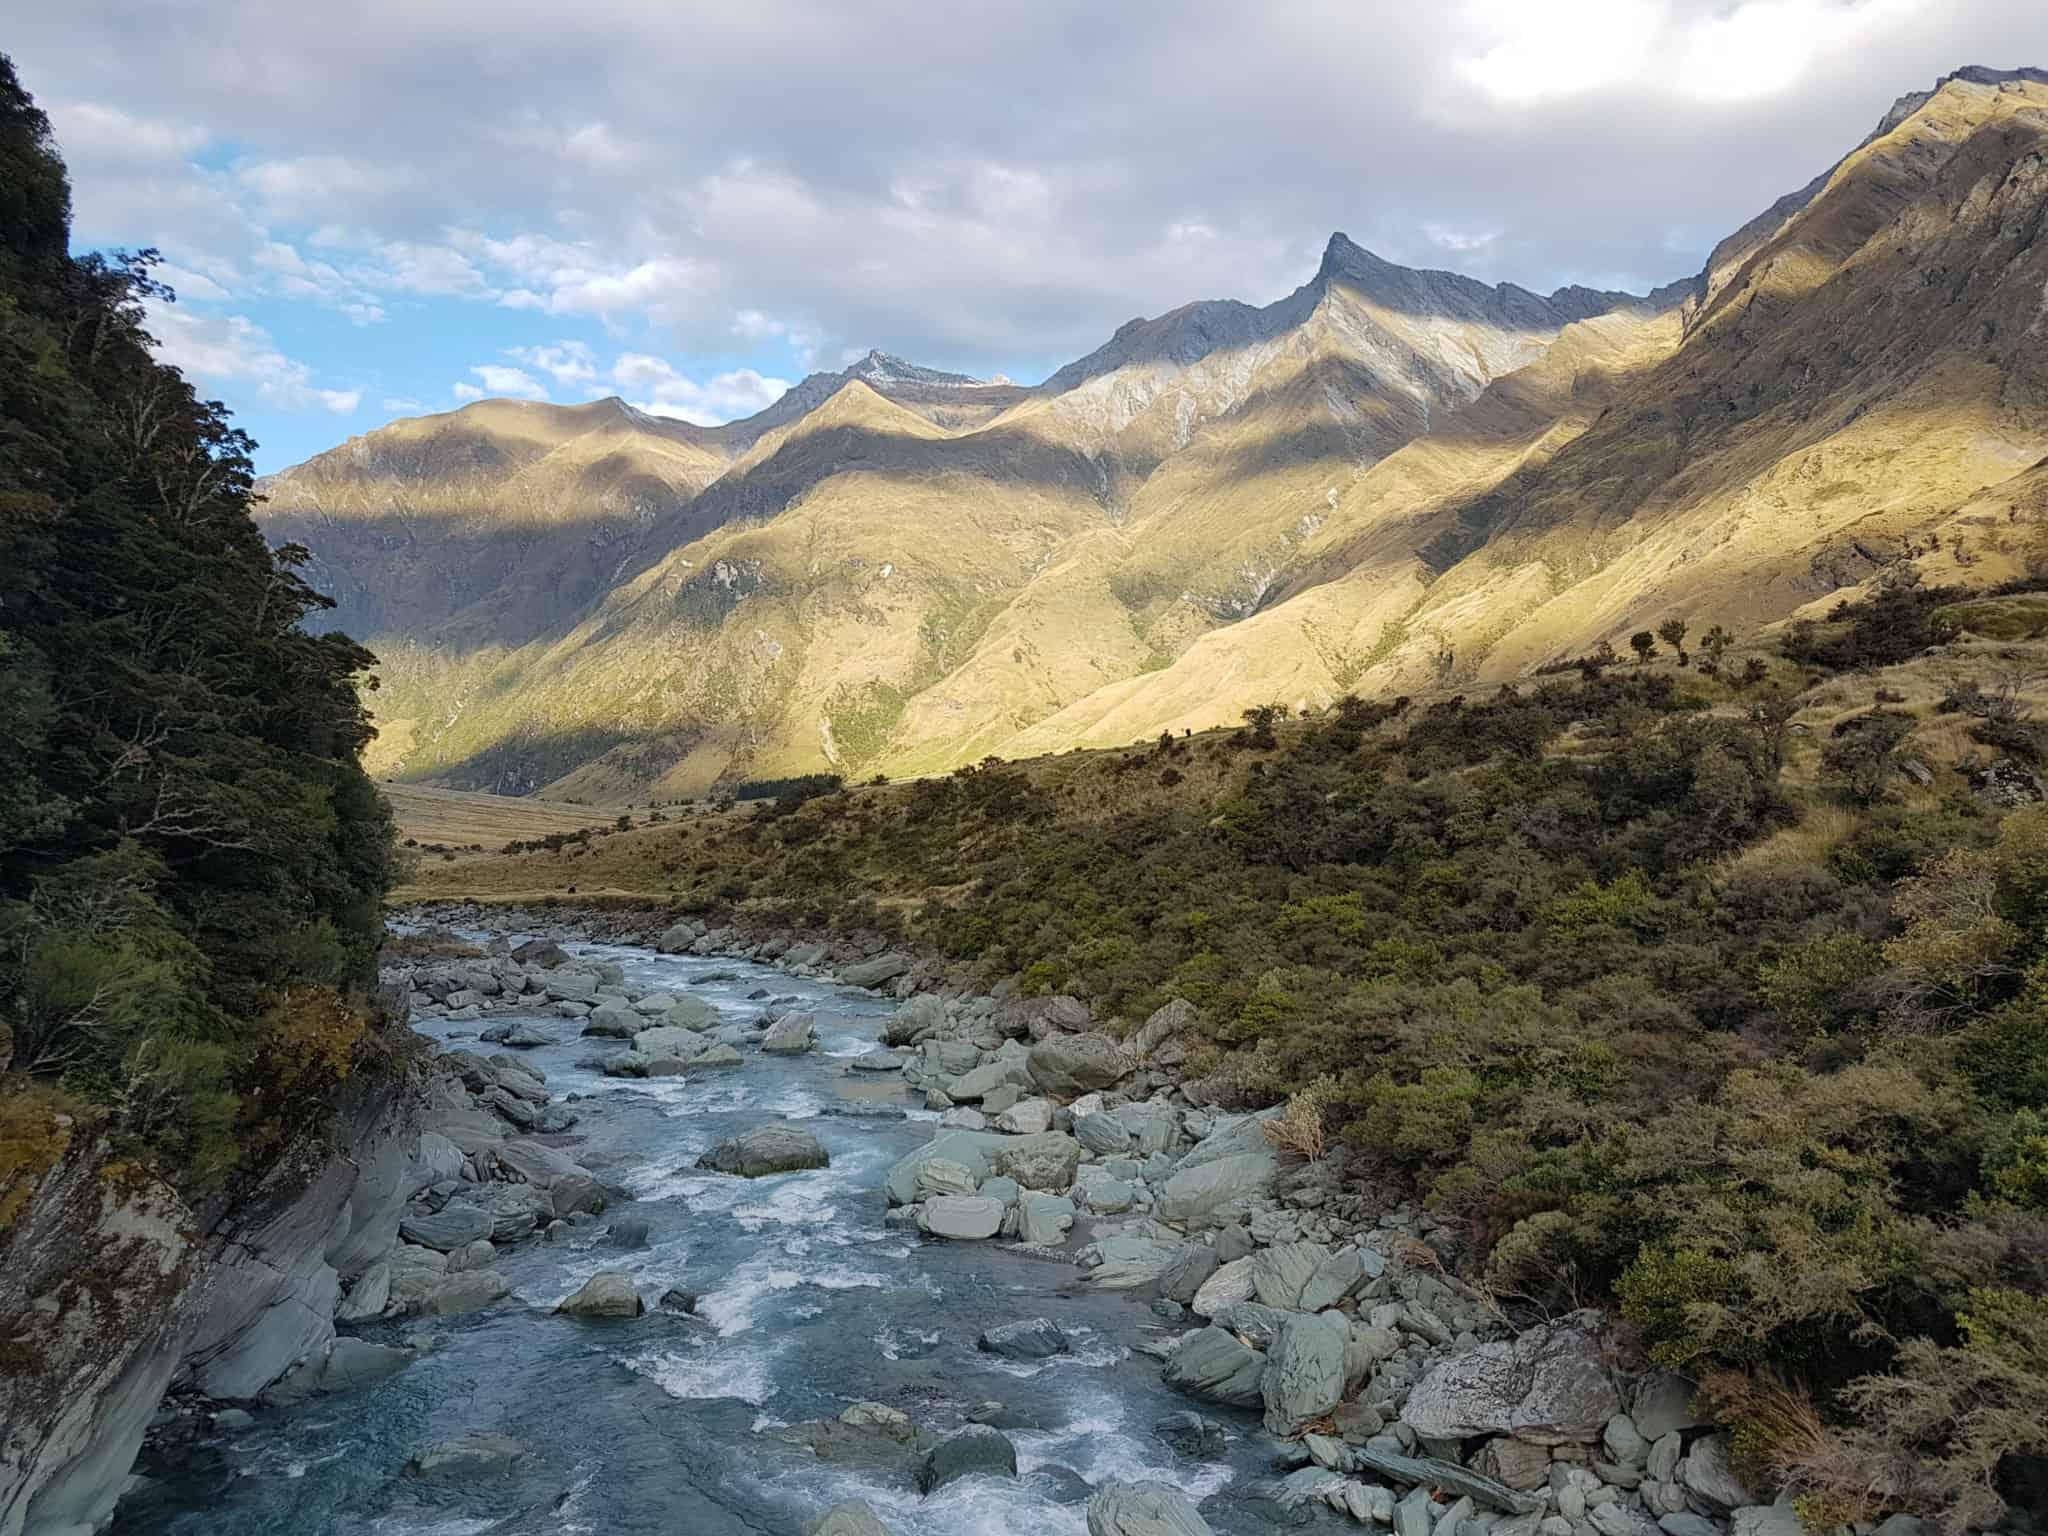 Nouvelle-Zélande, randonnée vers le Rob Roy Glacier et son sommet enneigé ❄ 25